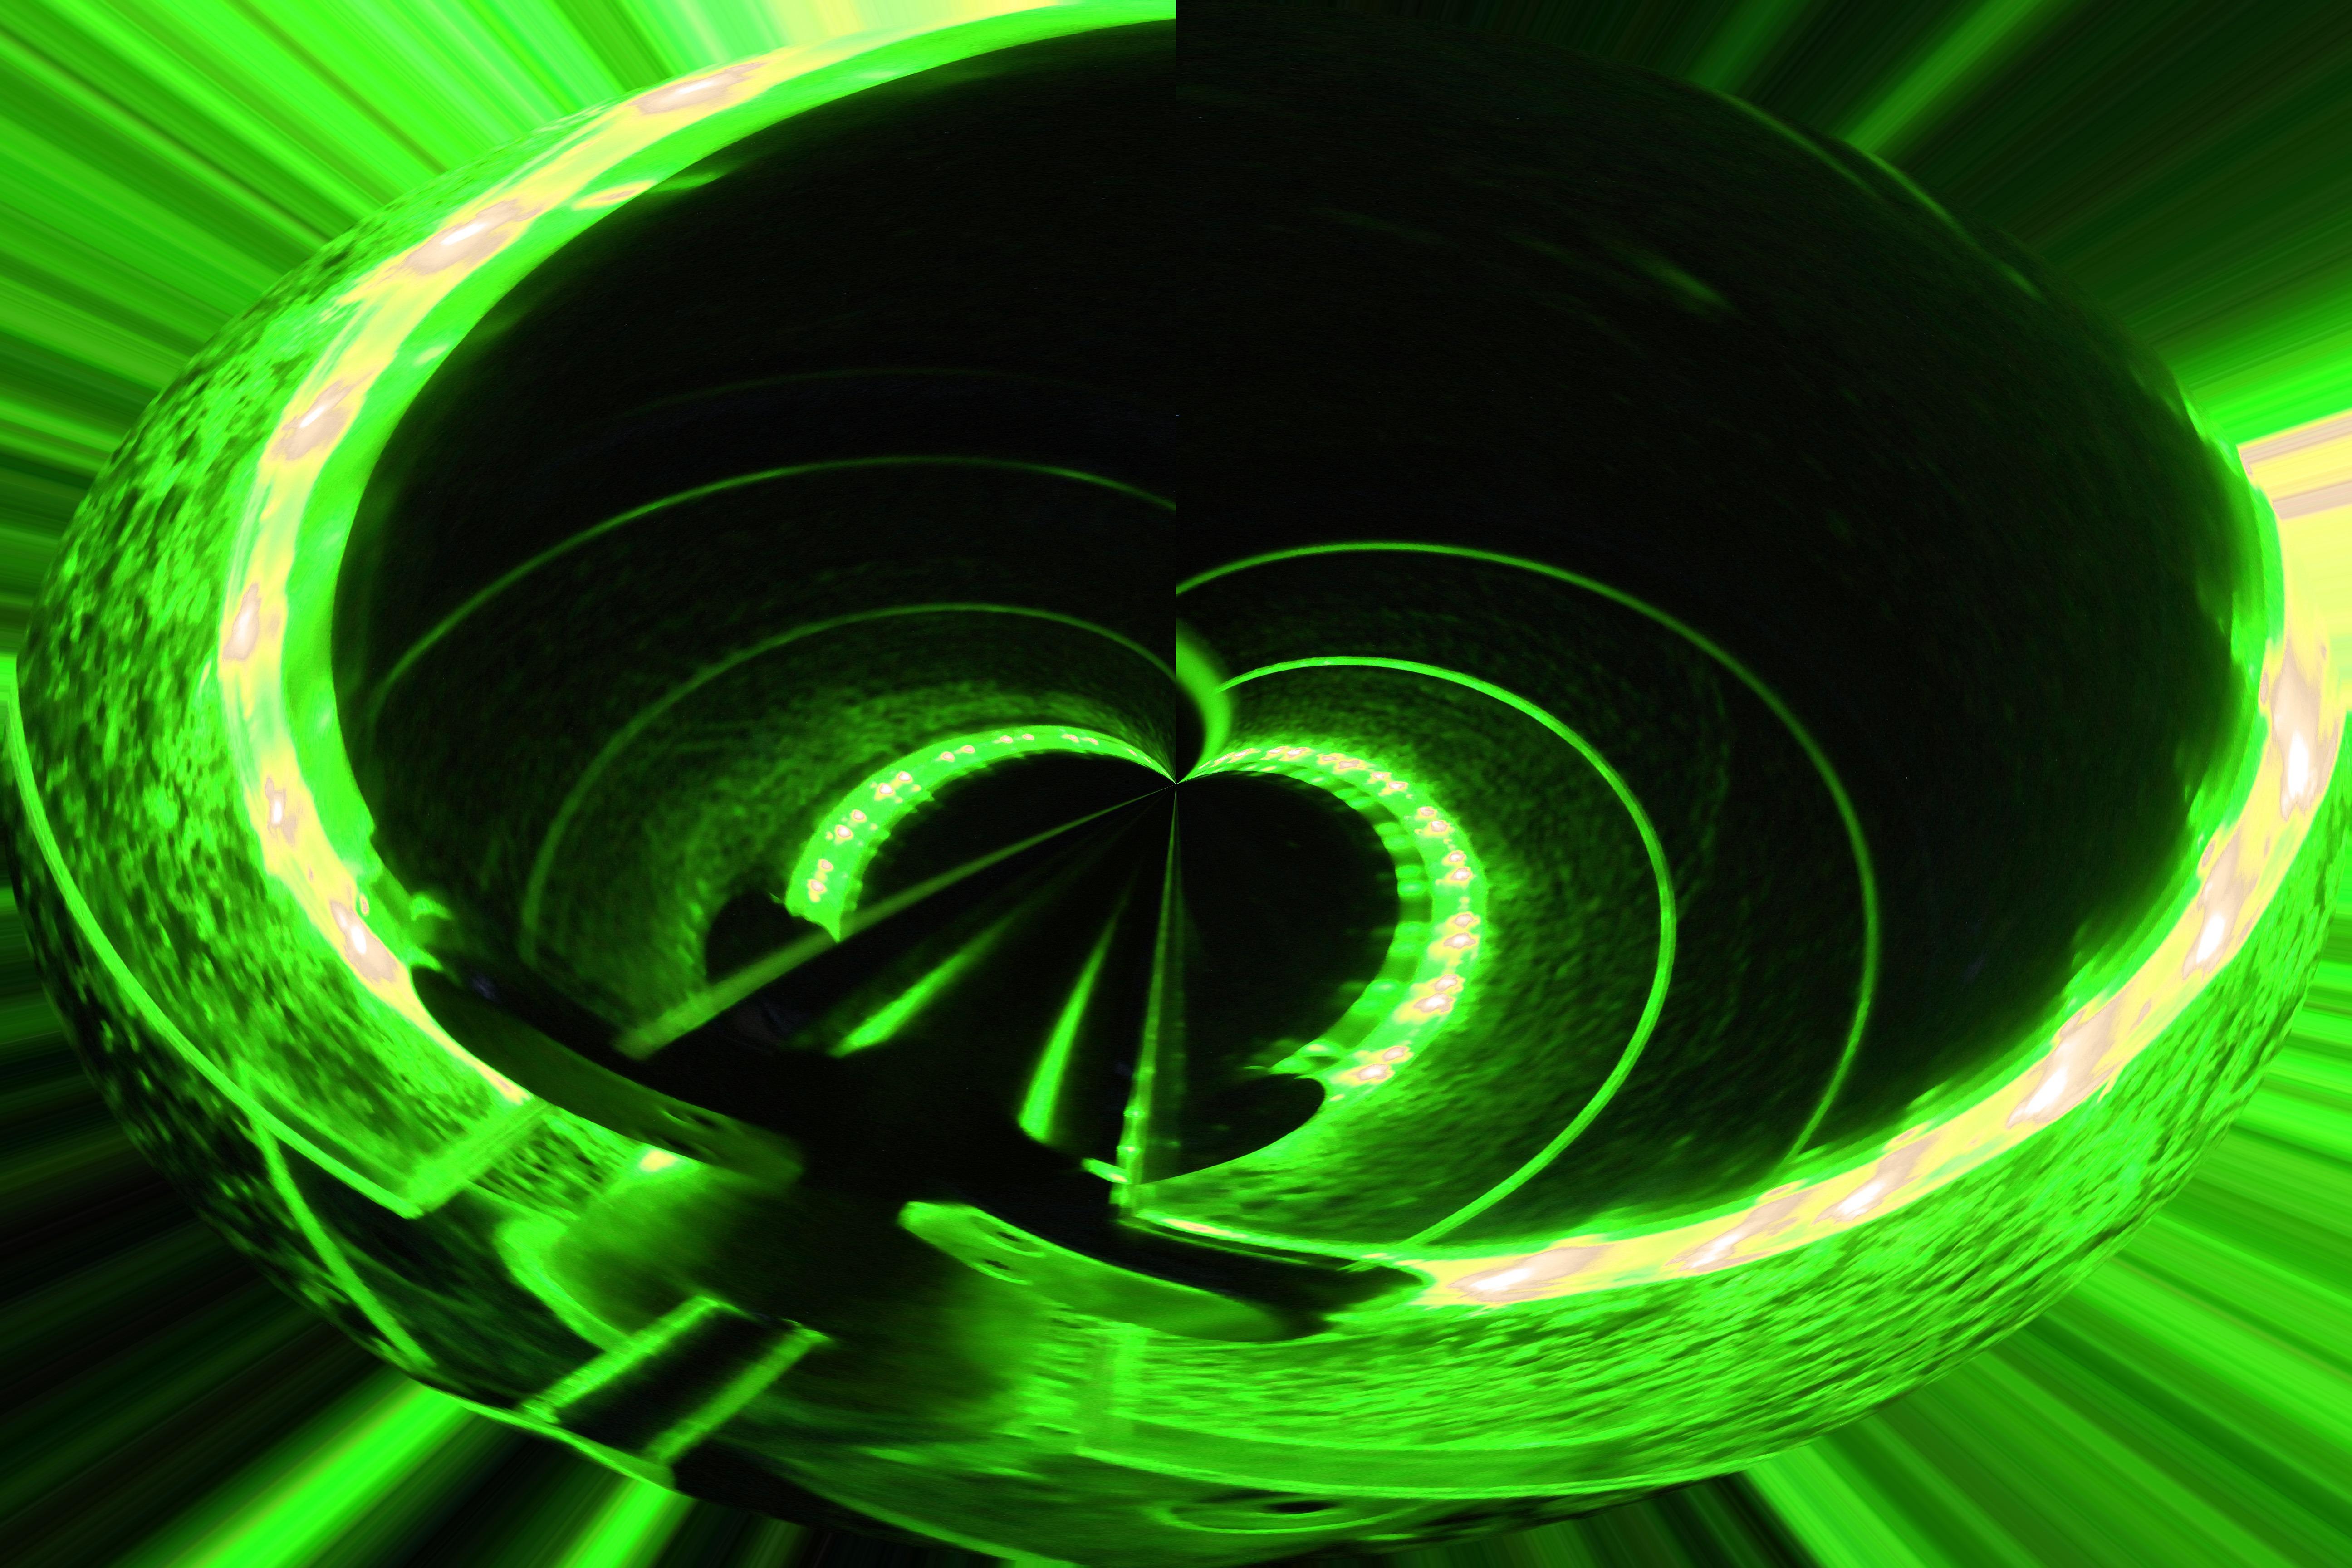 Free Images : Light, Spiral, Flower, Number, Line, Green